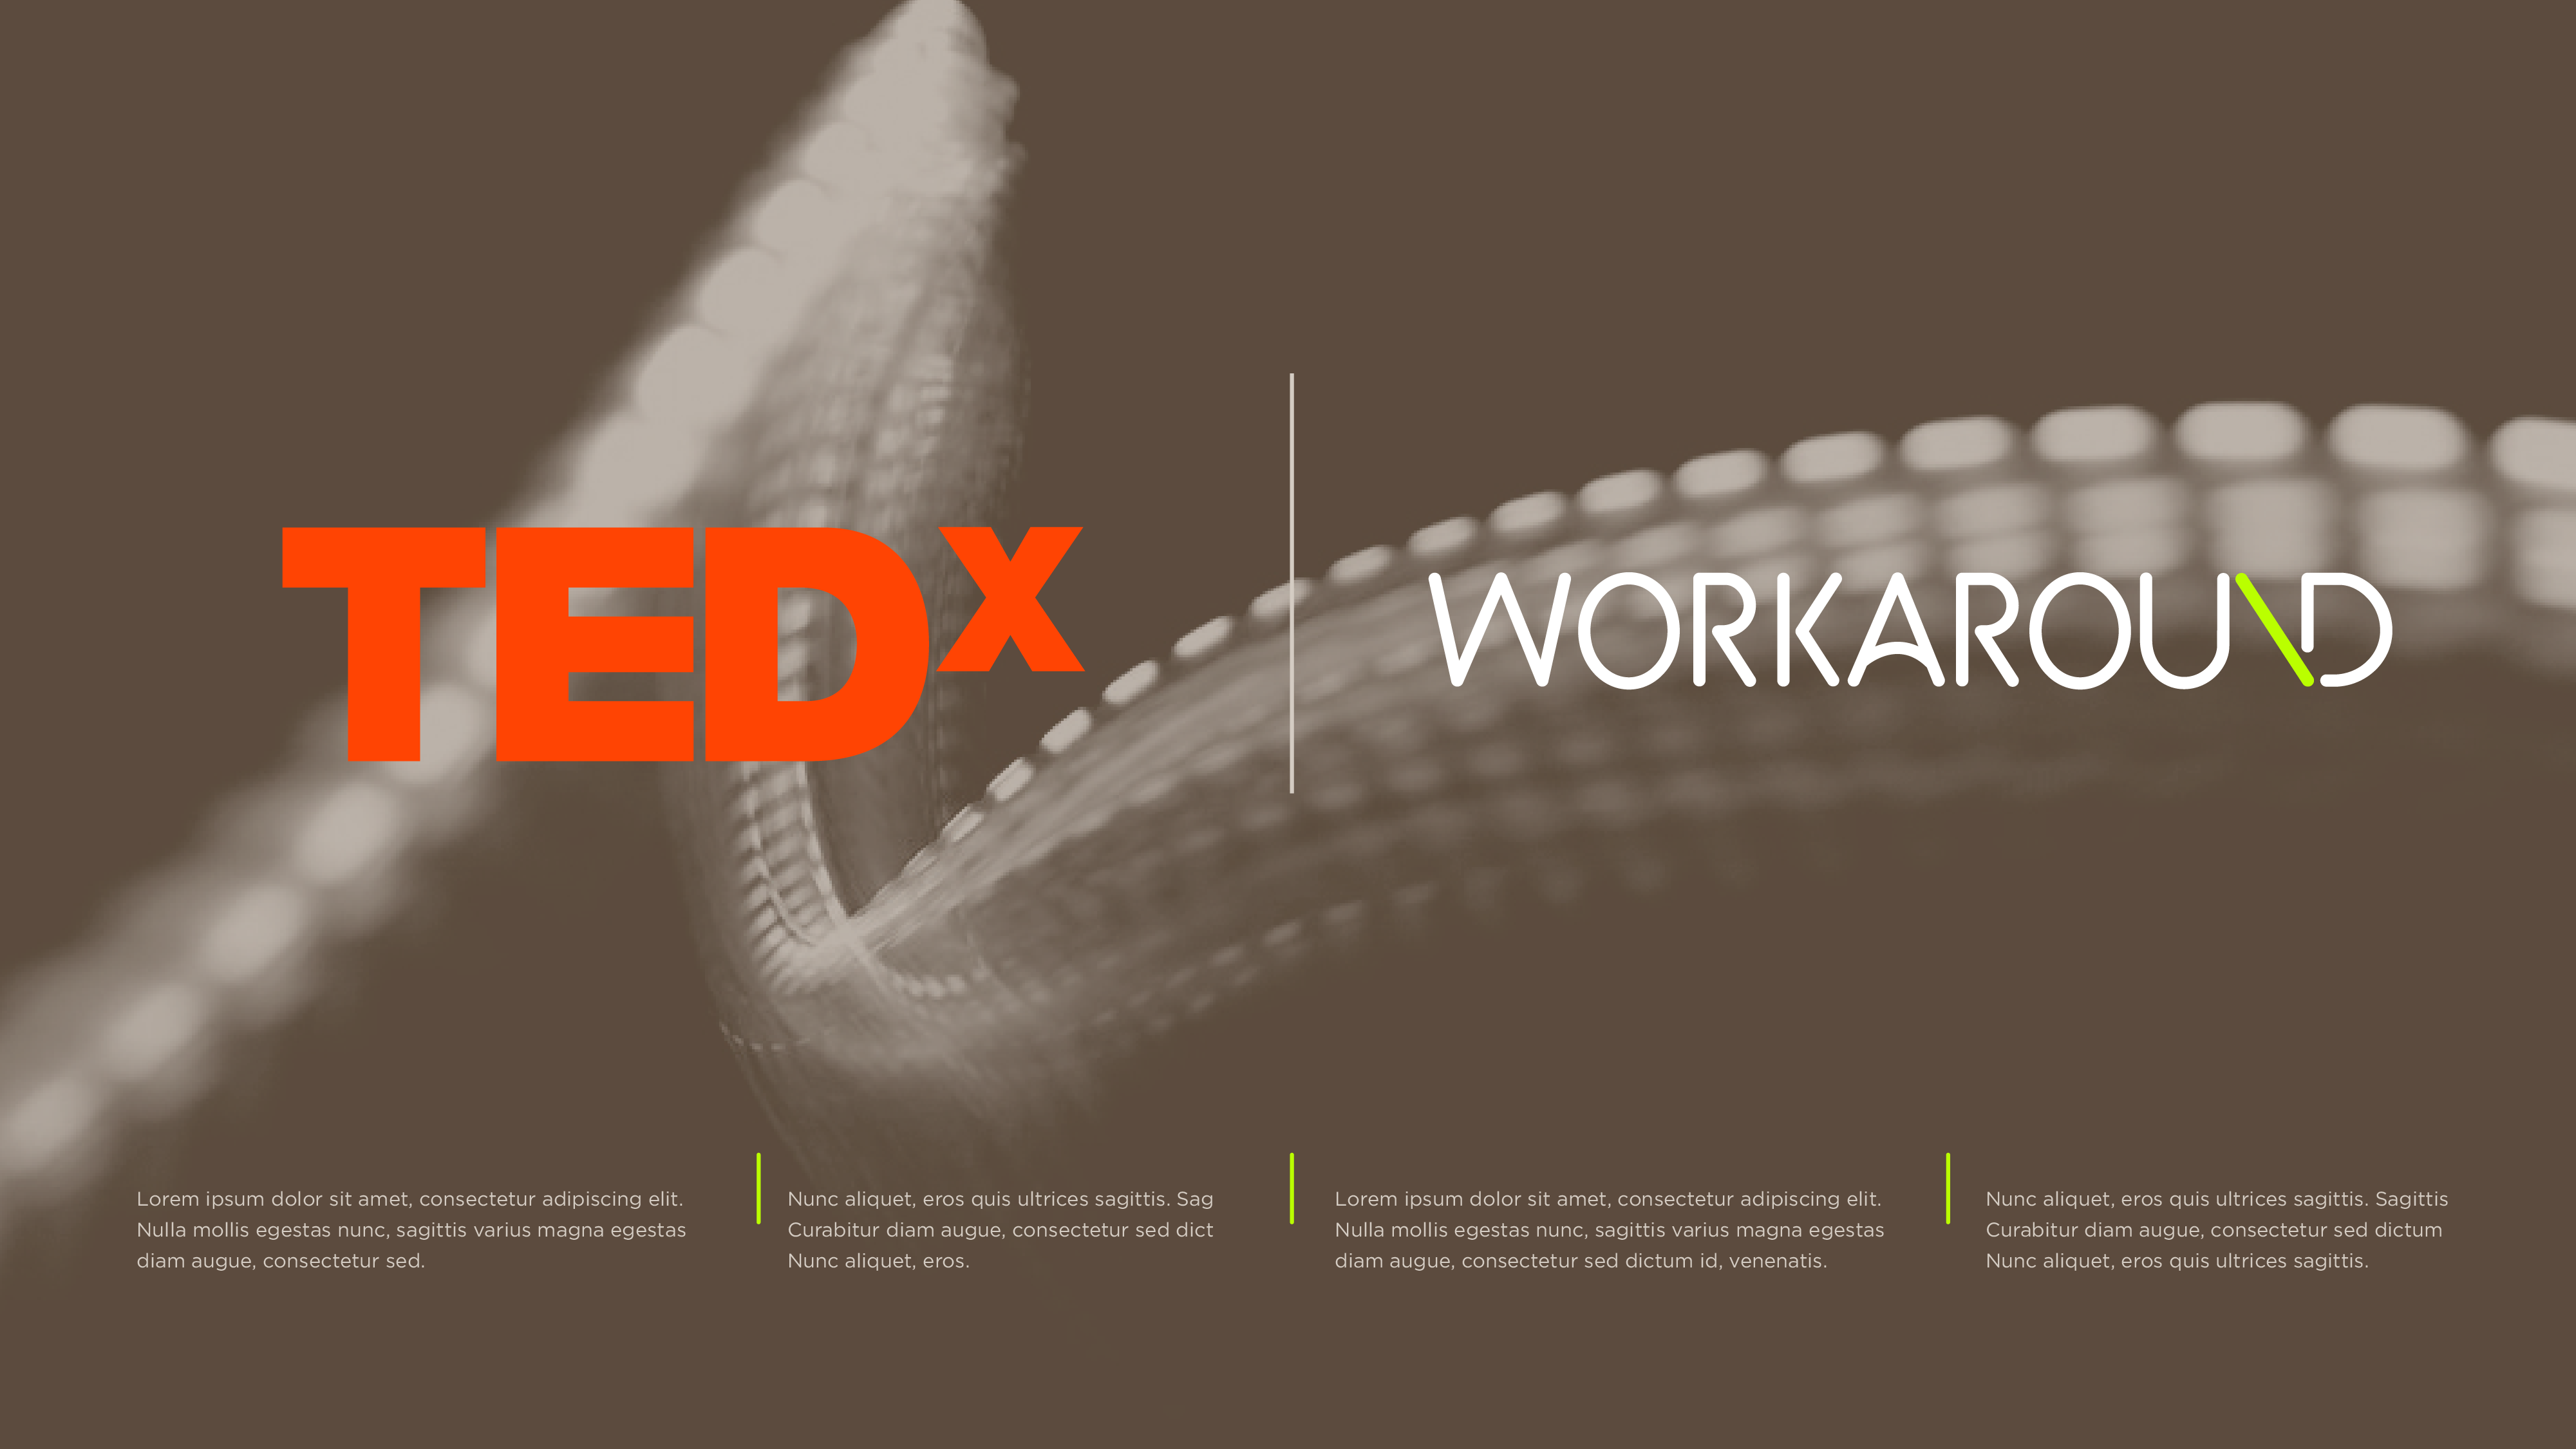 WorkAround_v3-10